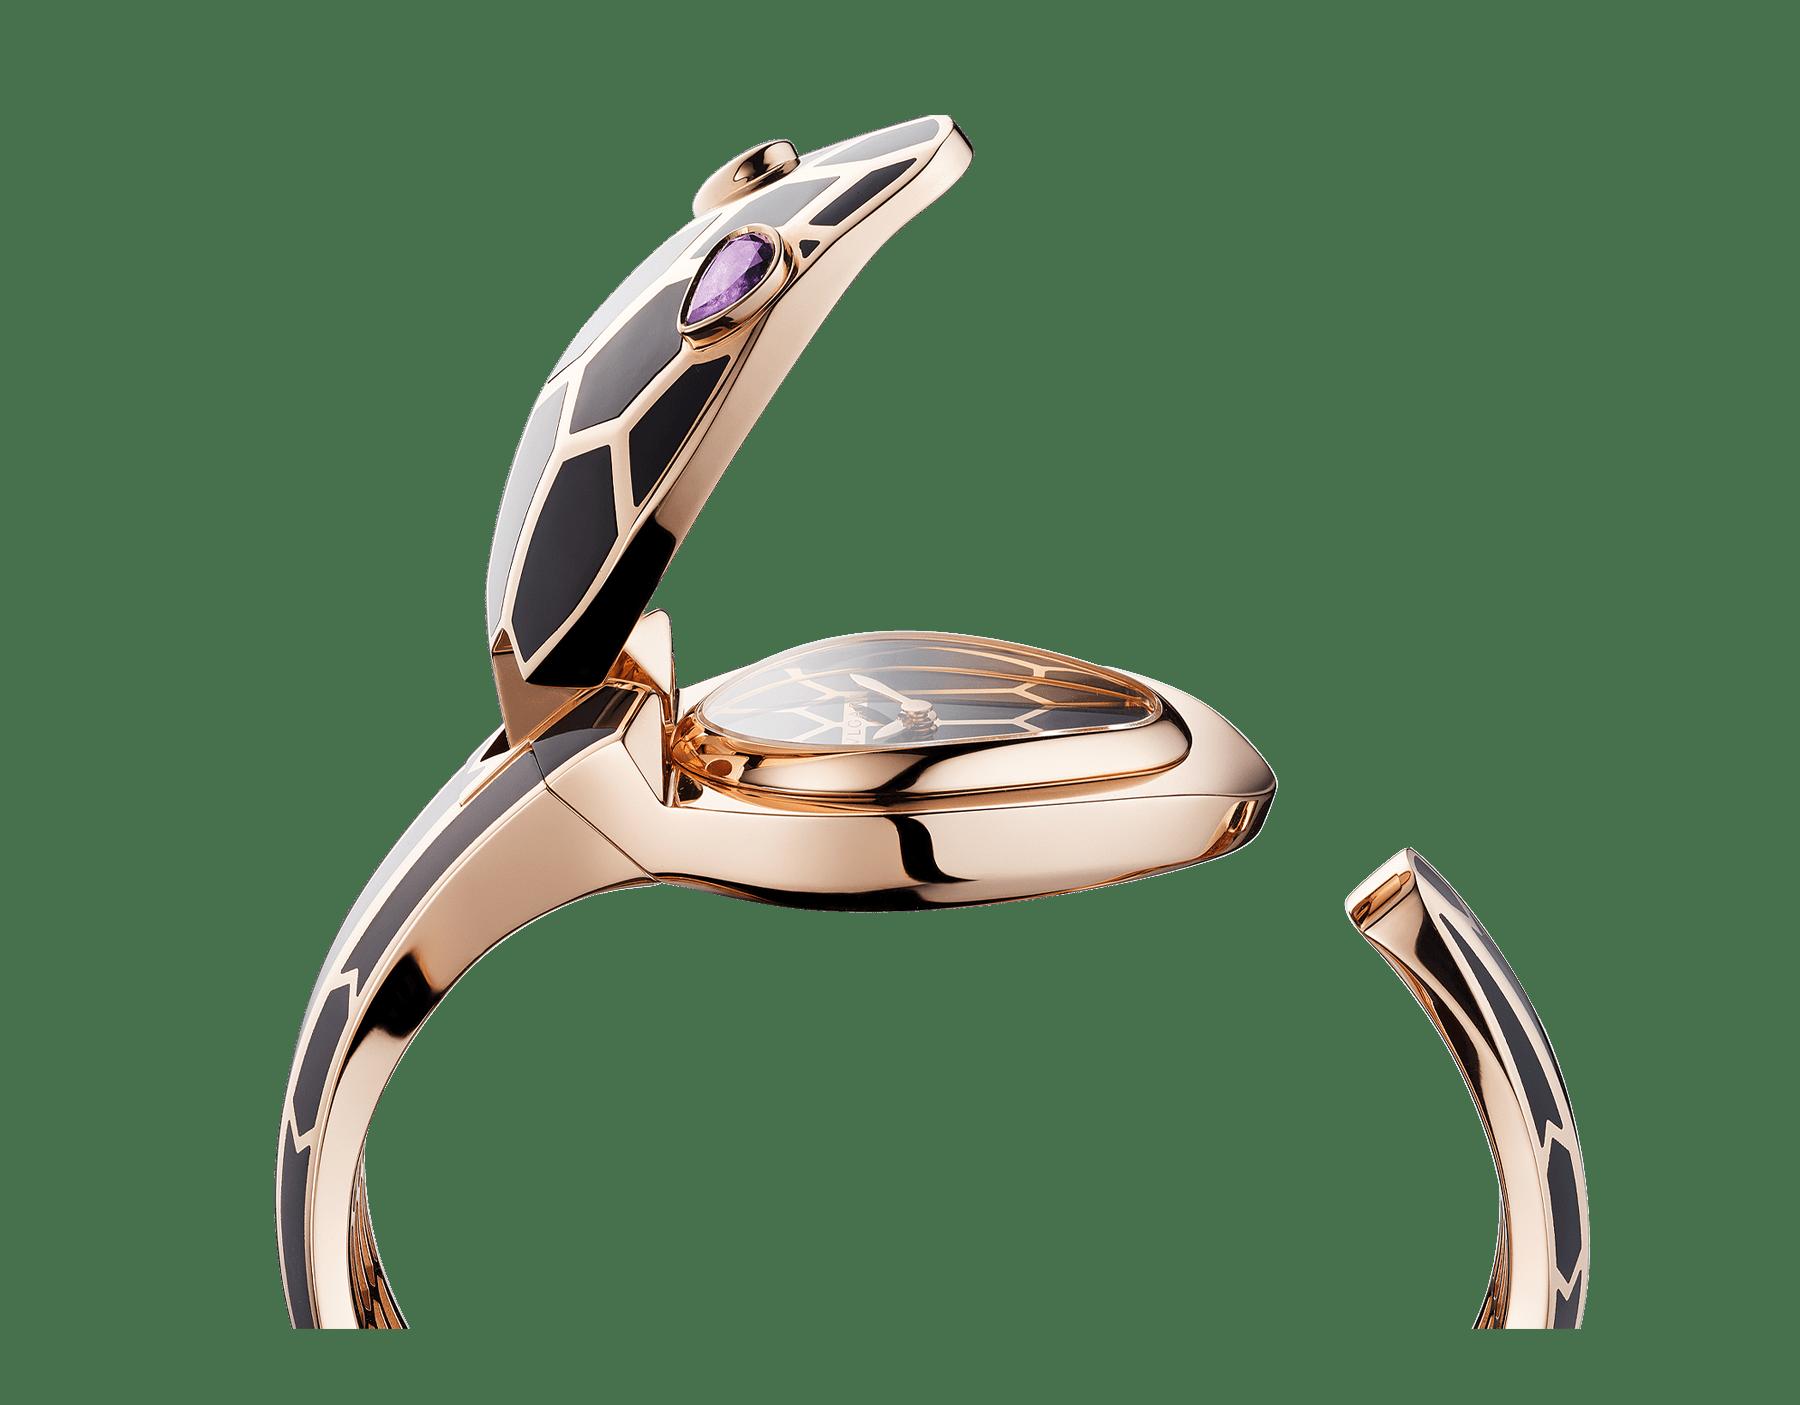 Montre à secret Serpenti Misteriosi avec boîtier et bracelet jonc en or rose 18K recouverts de laque noire, cadran laqué noir et yeux en améthyste taille poire. SrpntSecretWtc-rose-gold image 5